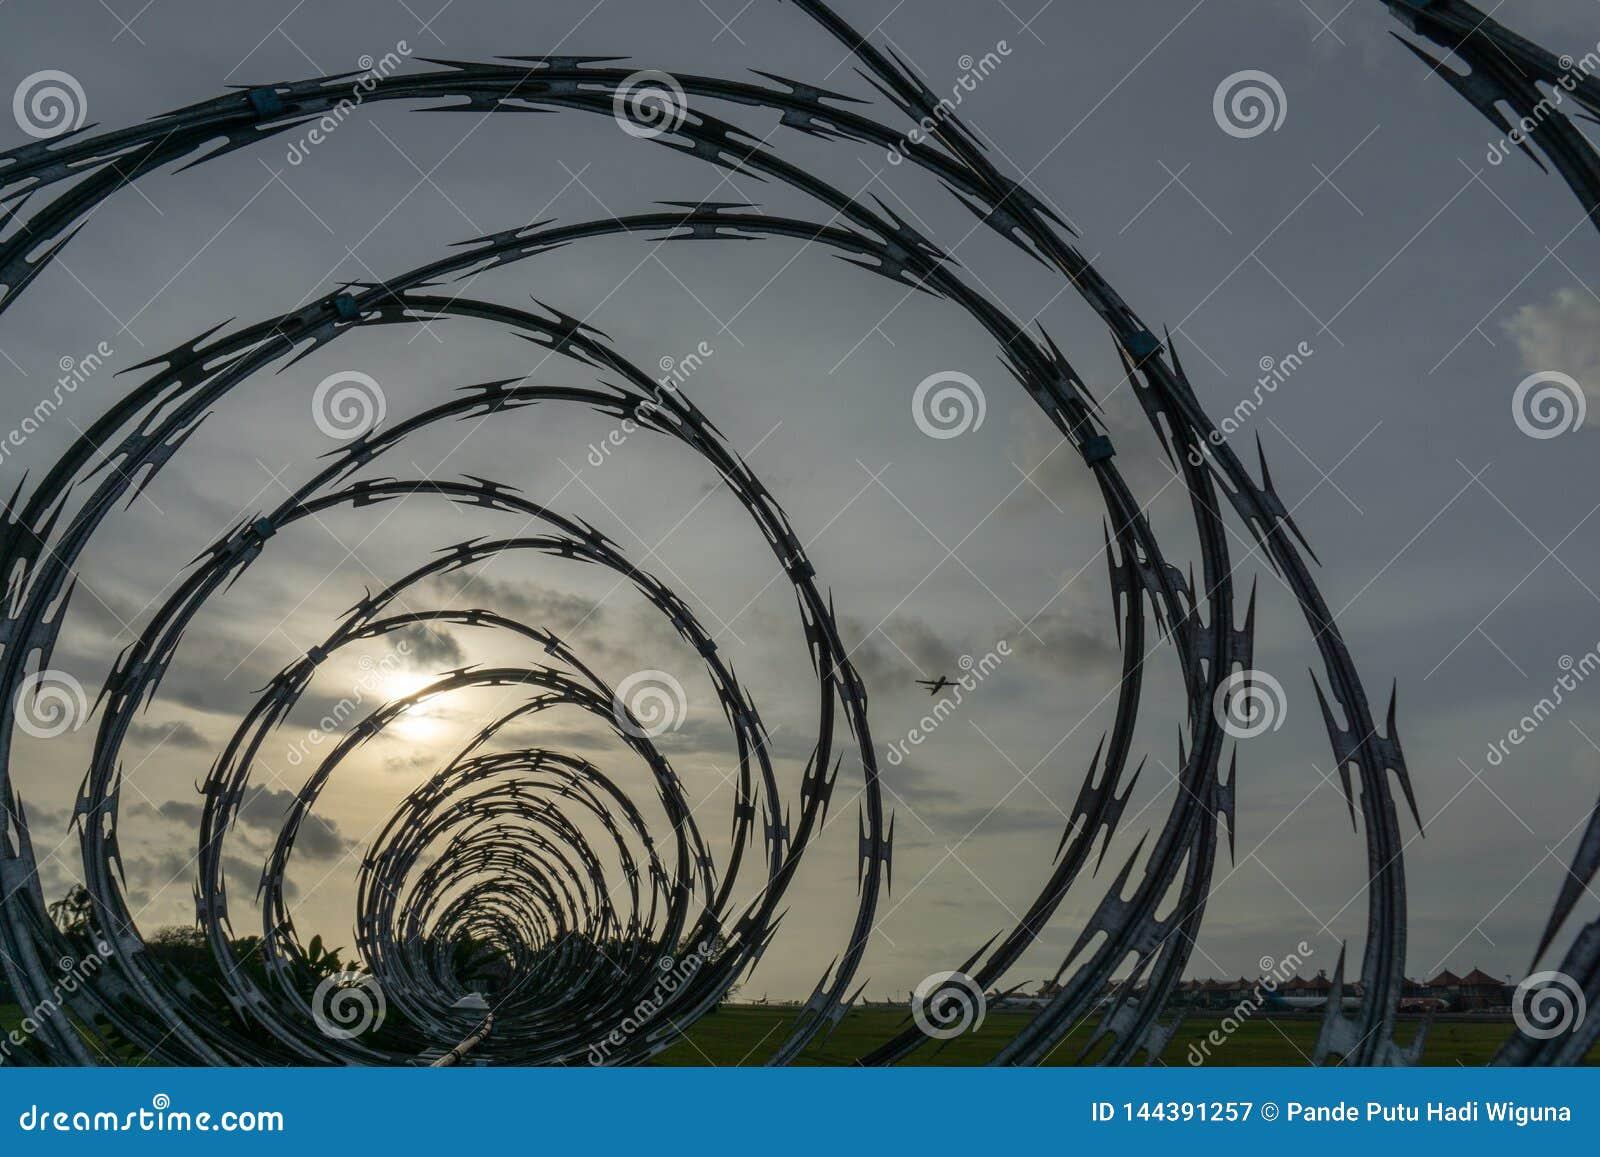 BADUNG, BALI/INDONESIA- 1ER JANVIER 2017 : La vue d aéroport des barrières barbelées quand le soleil se couche